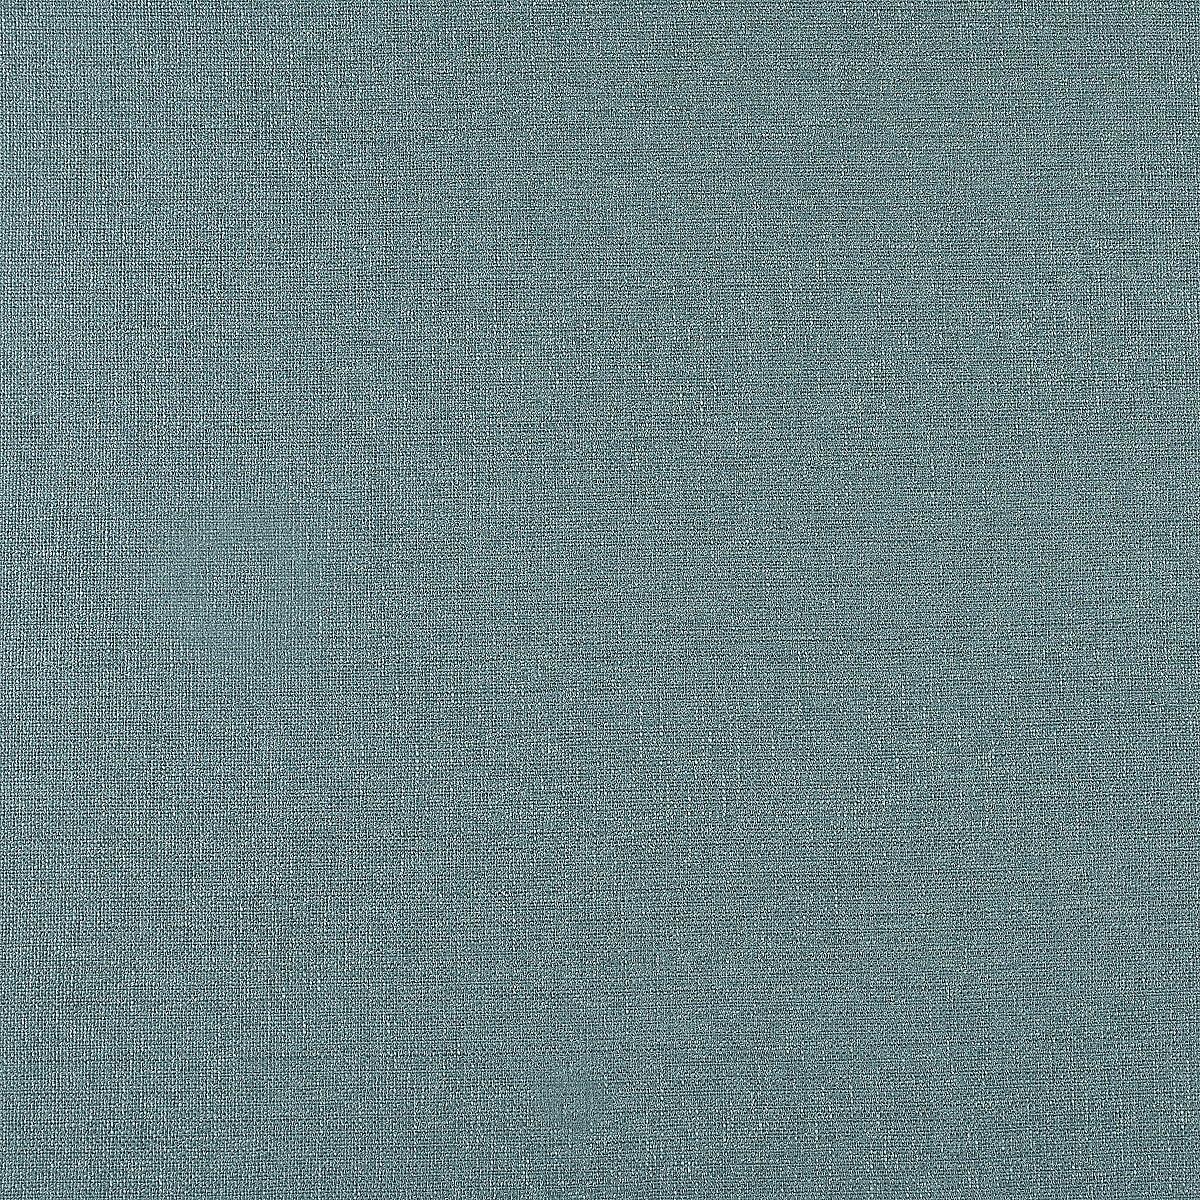 Sandbar: Porch (fabric yardage)